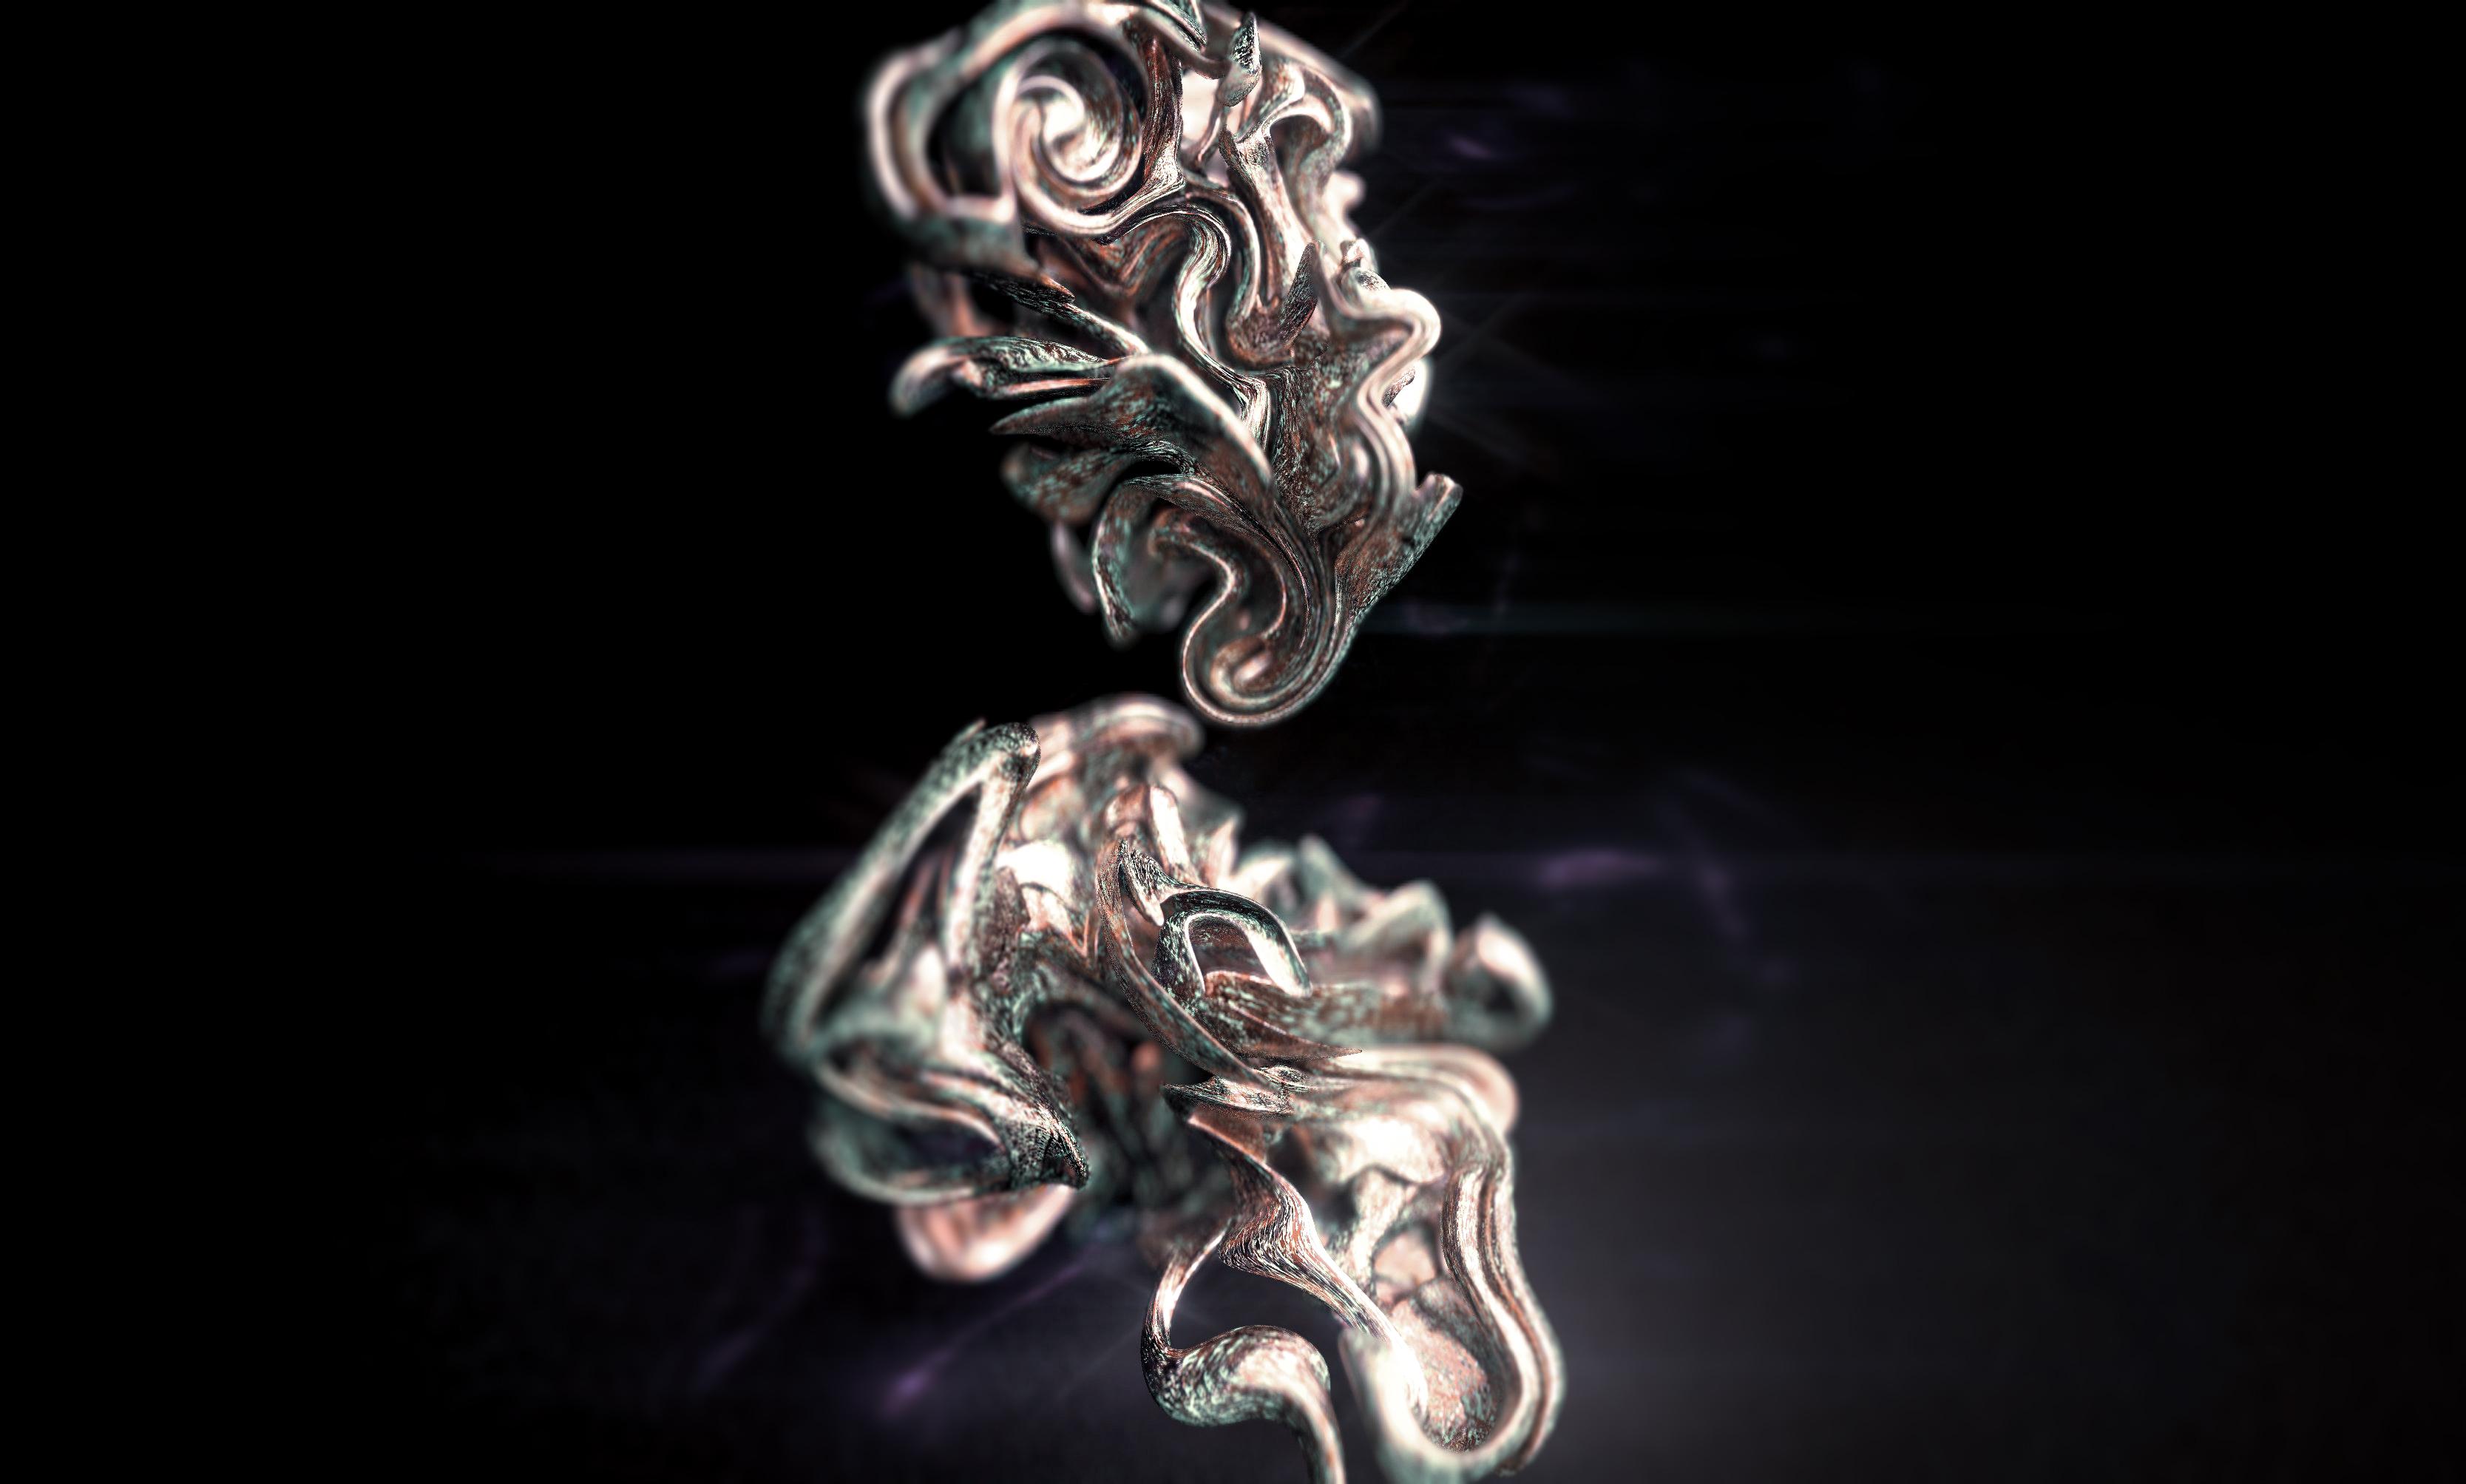 Abstract Sculpture 3D